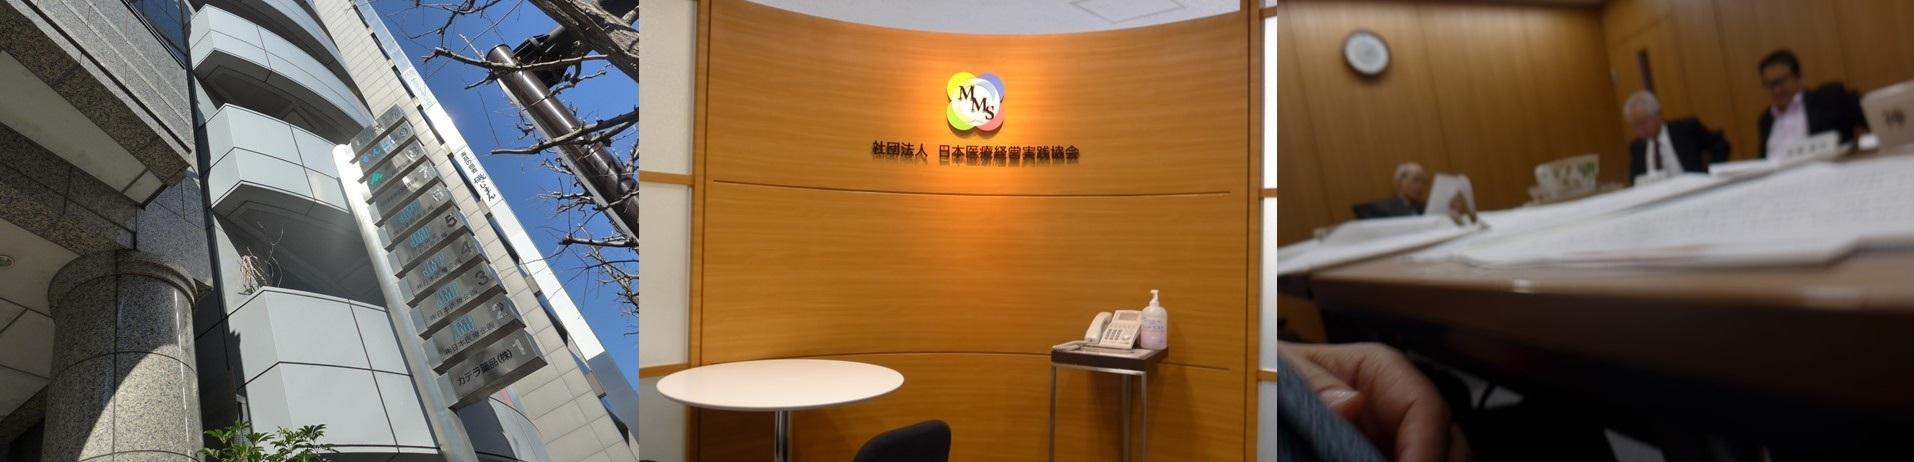 新たな専門医の仕組み、日本専門医機構理事会で合意_b0115629_19310942.jpg